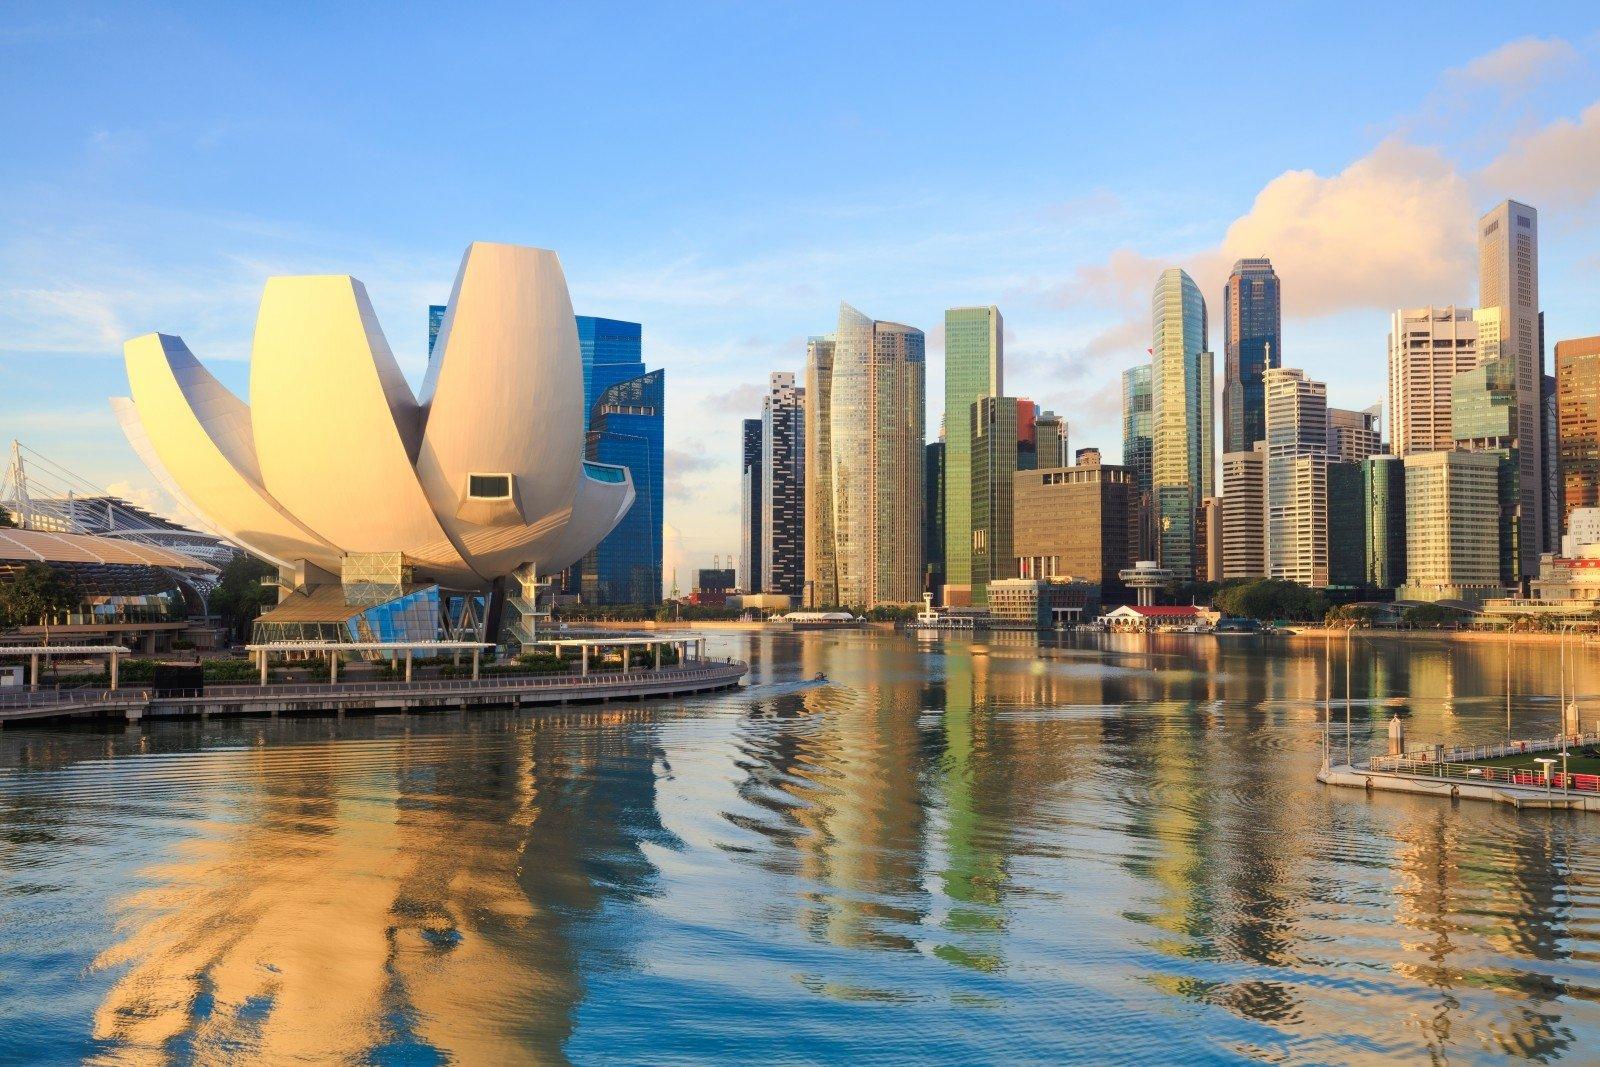 singapūro prekybos sistema